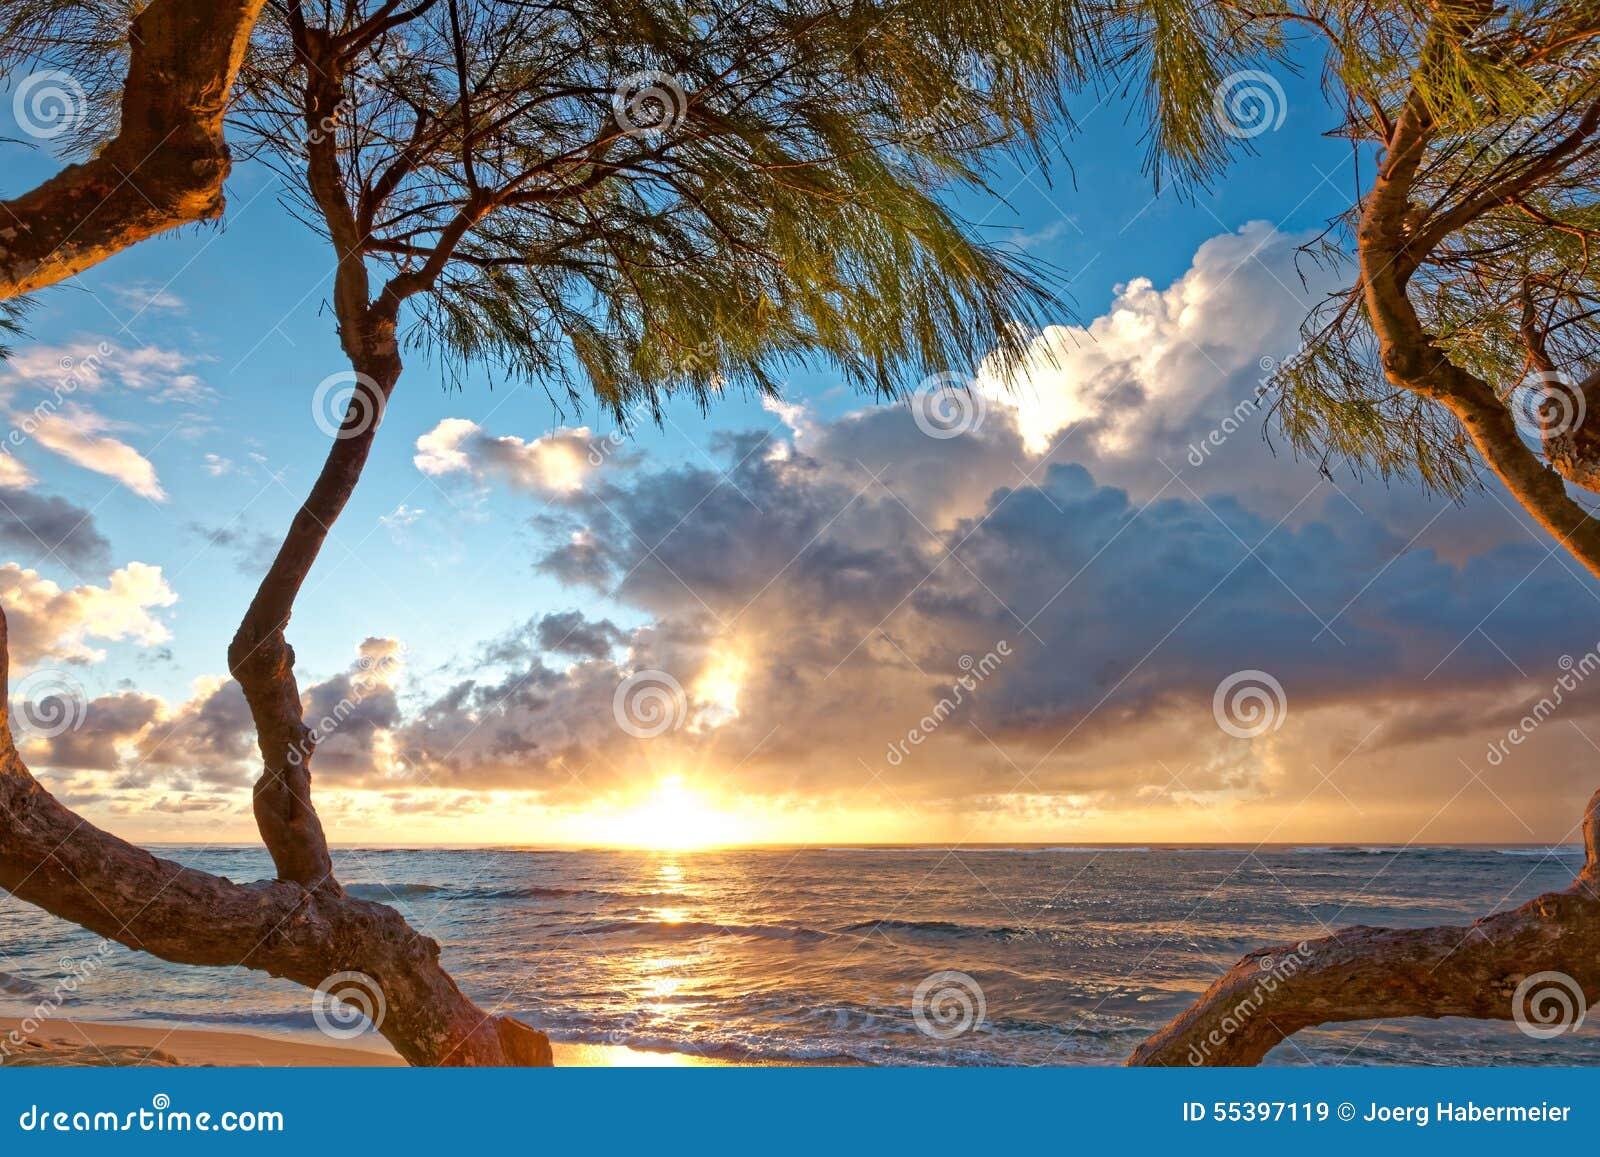 Tropical Island Sun: Romantic Beach Sunrise On Tropical Island With Sun And